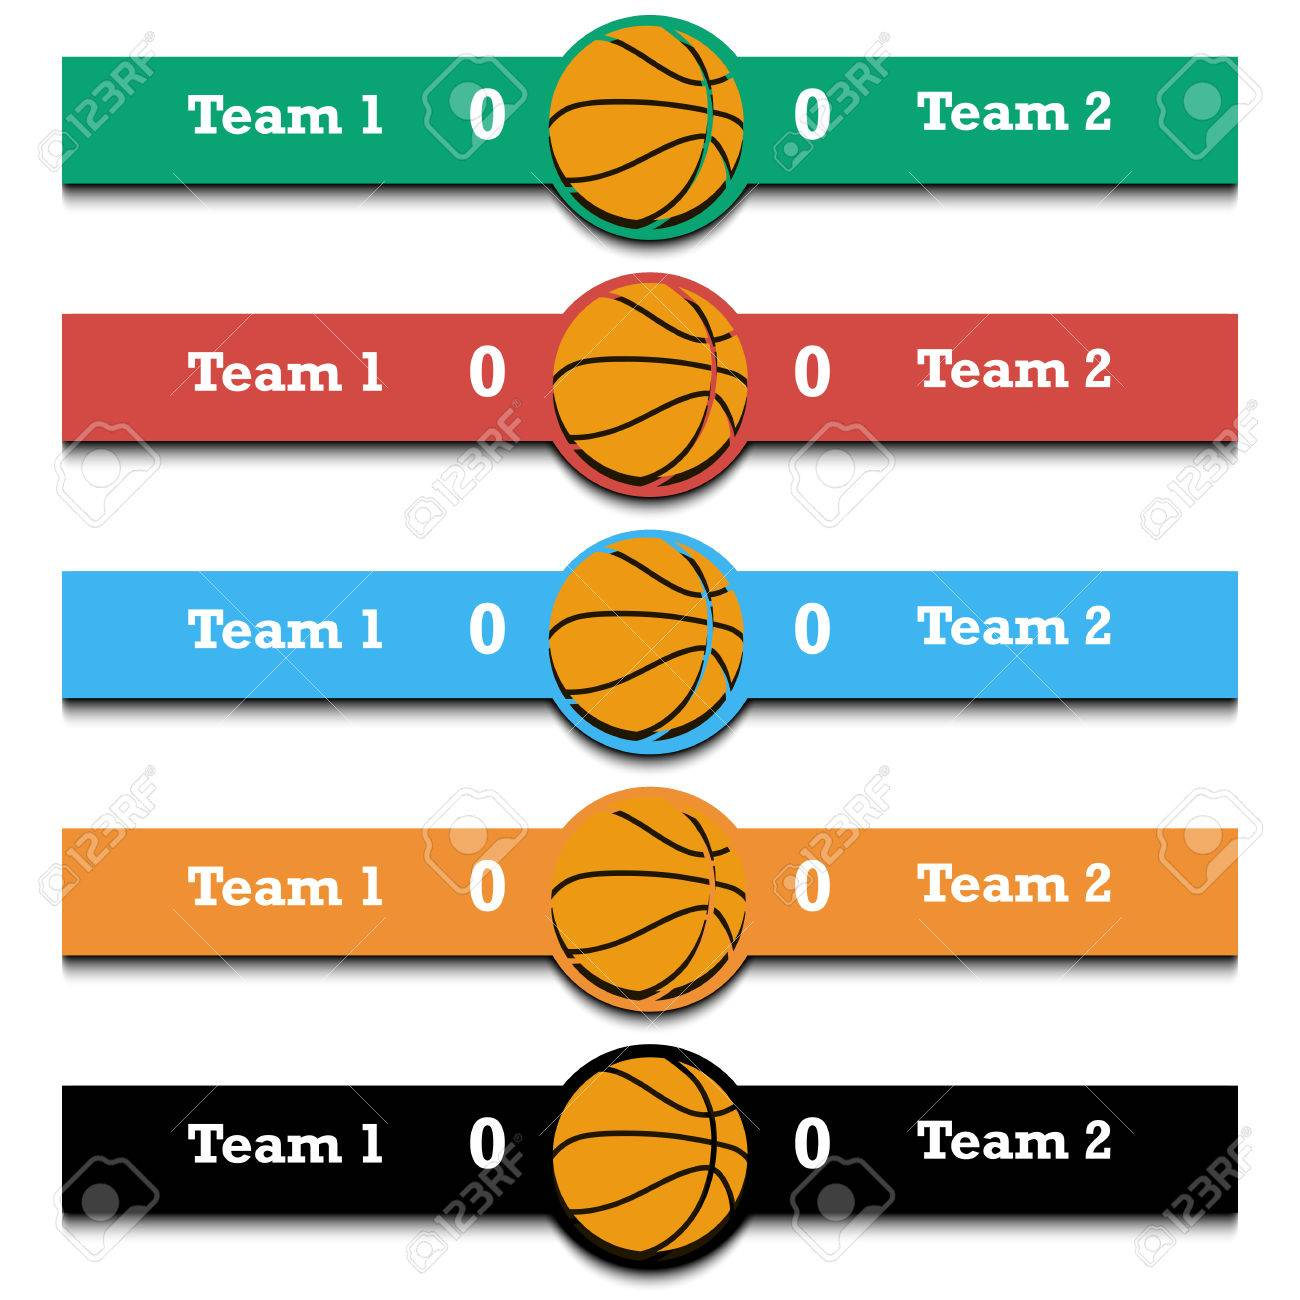 Estadísticas Del Partido De Baloncesto Resultado Del Partido Infografía Ilustración Del Vector Ilustraciones Vectoriales Clip Art Vectorizado Libre De Derechos Image 80559933